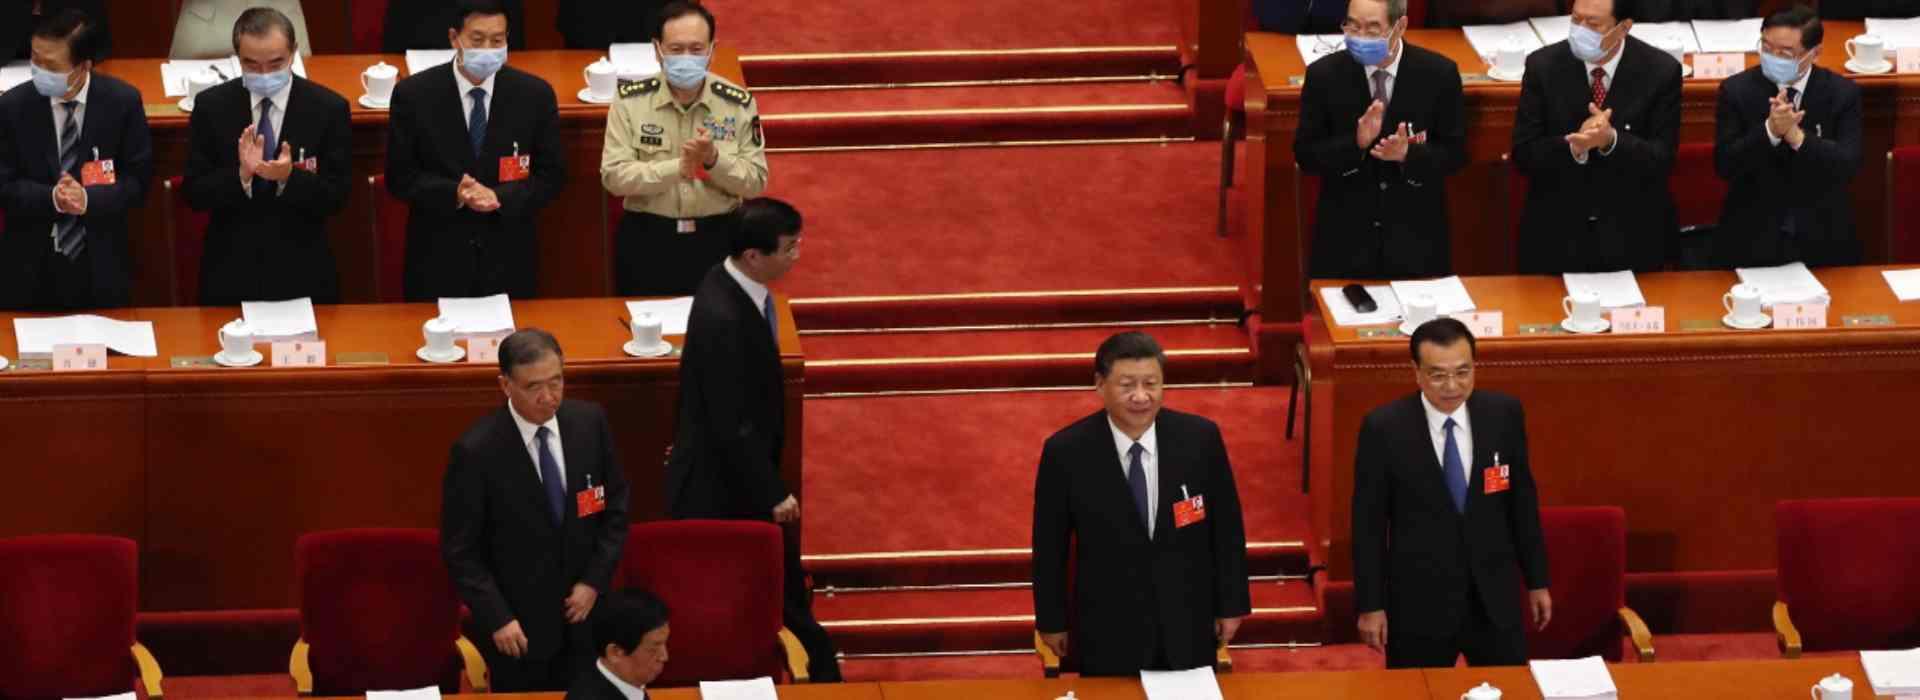 La ripartenza della Cina post-Covid: un esempio per il mondo